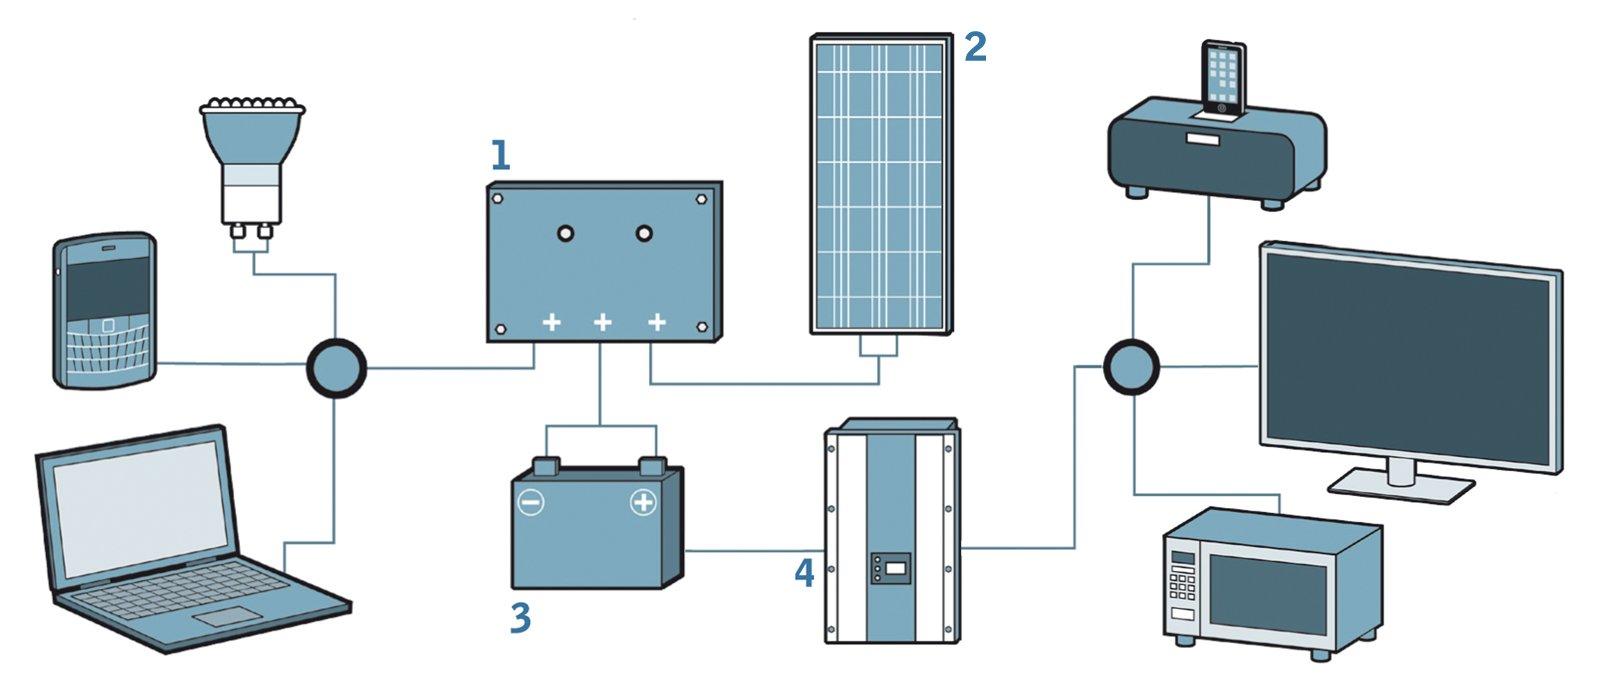 Pannello Solare Per Stufa Elettrica : Fotovoltaico formato pocket cose di casa